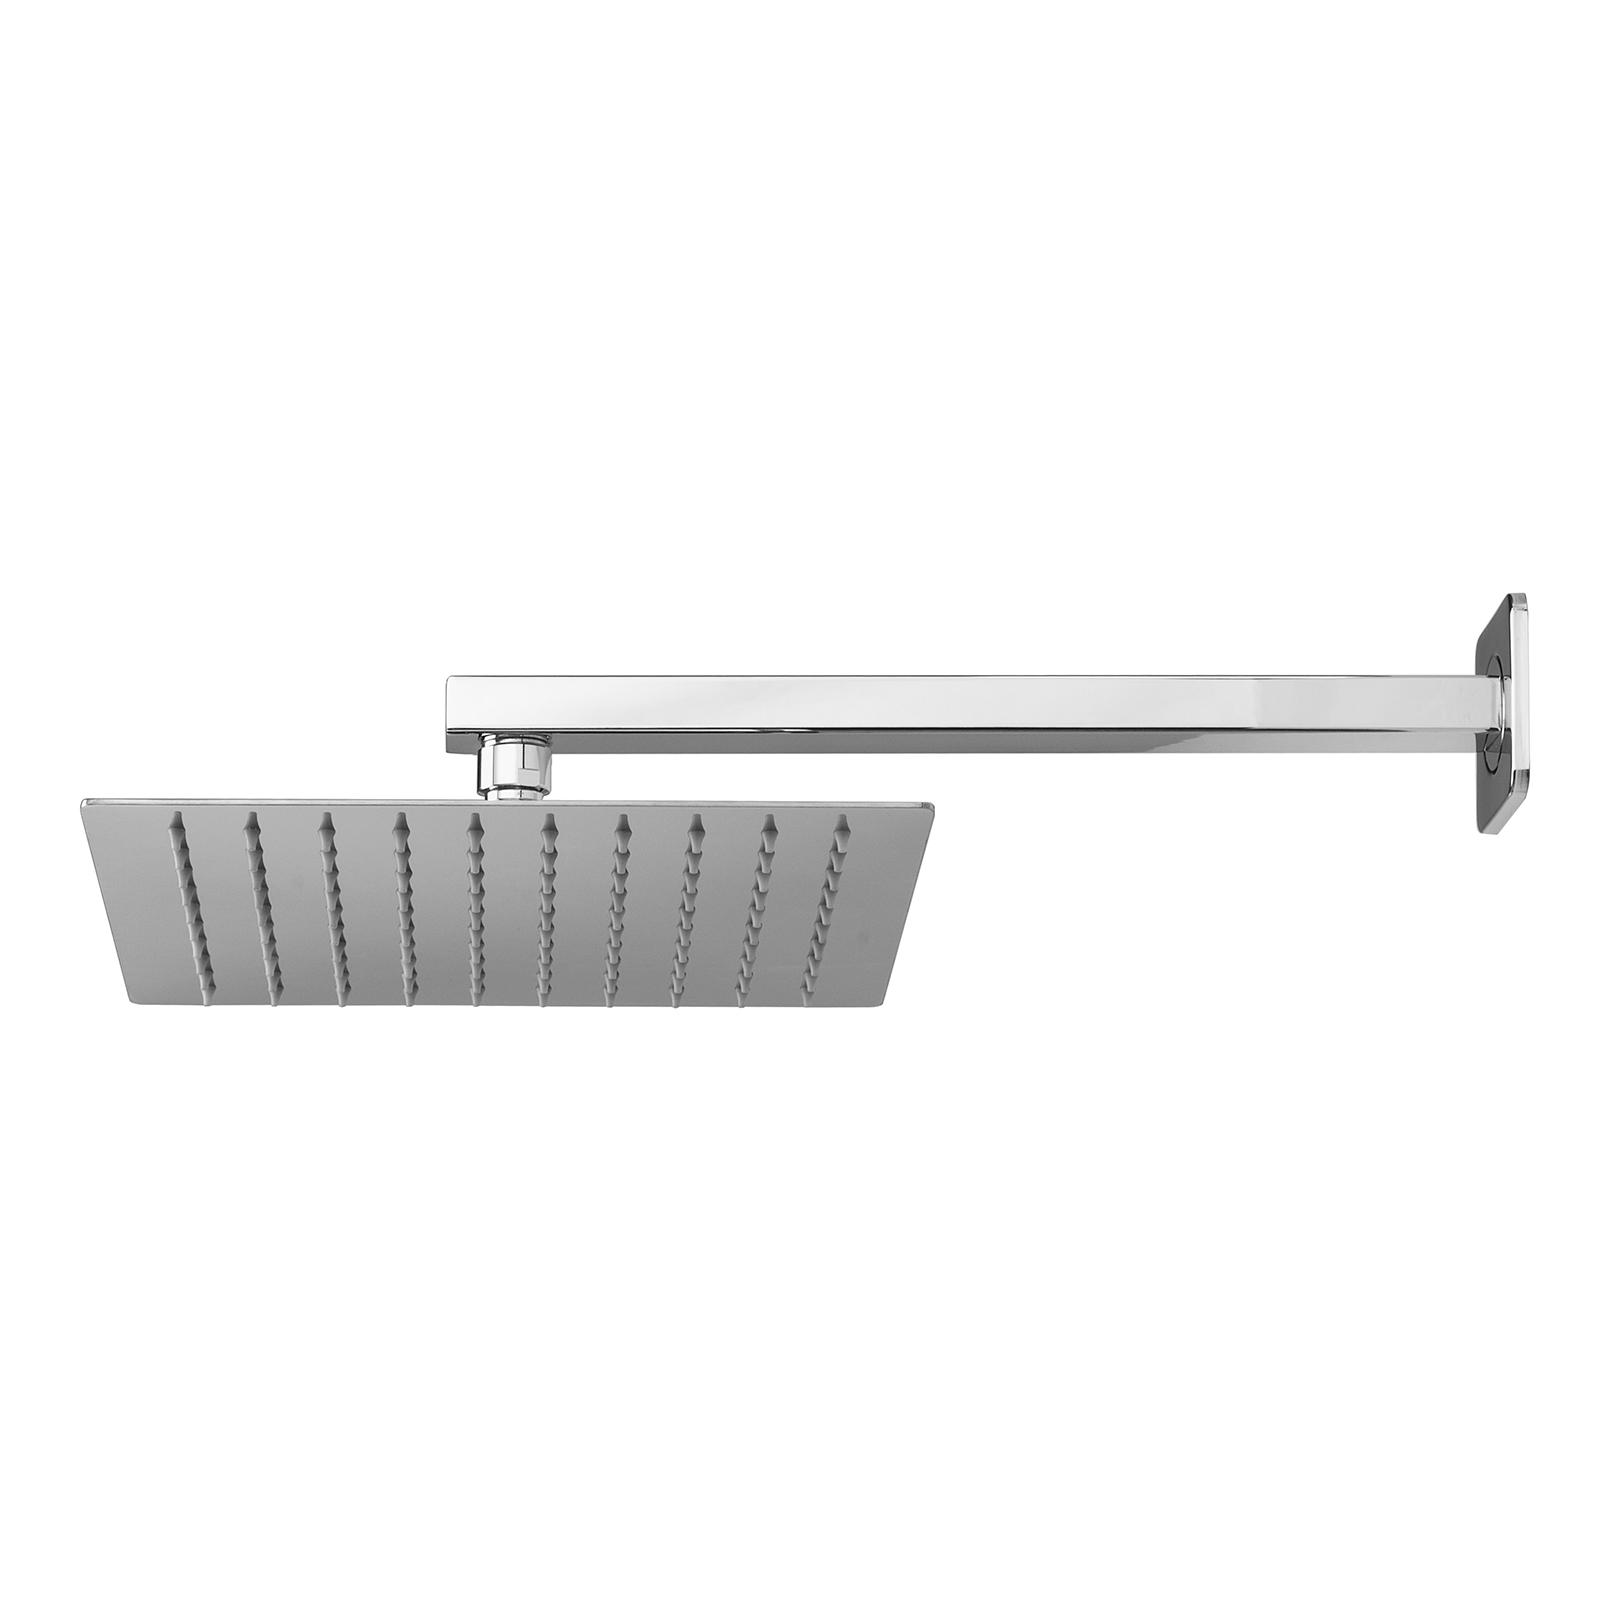 Soffione doccia quadrato ultraslim di Ares 25x25 con braccio doccia in acciaio inox lucidato